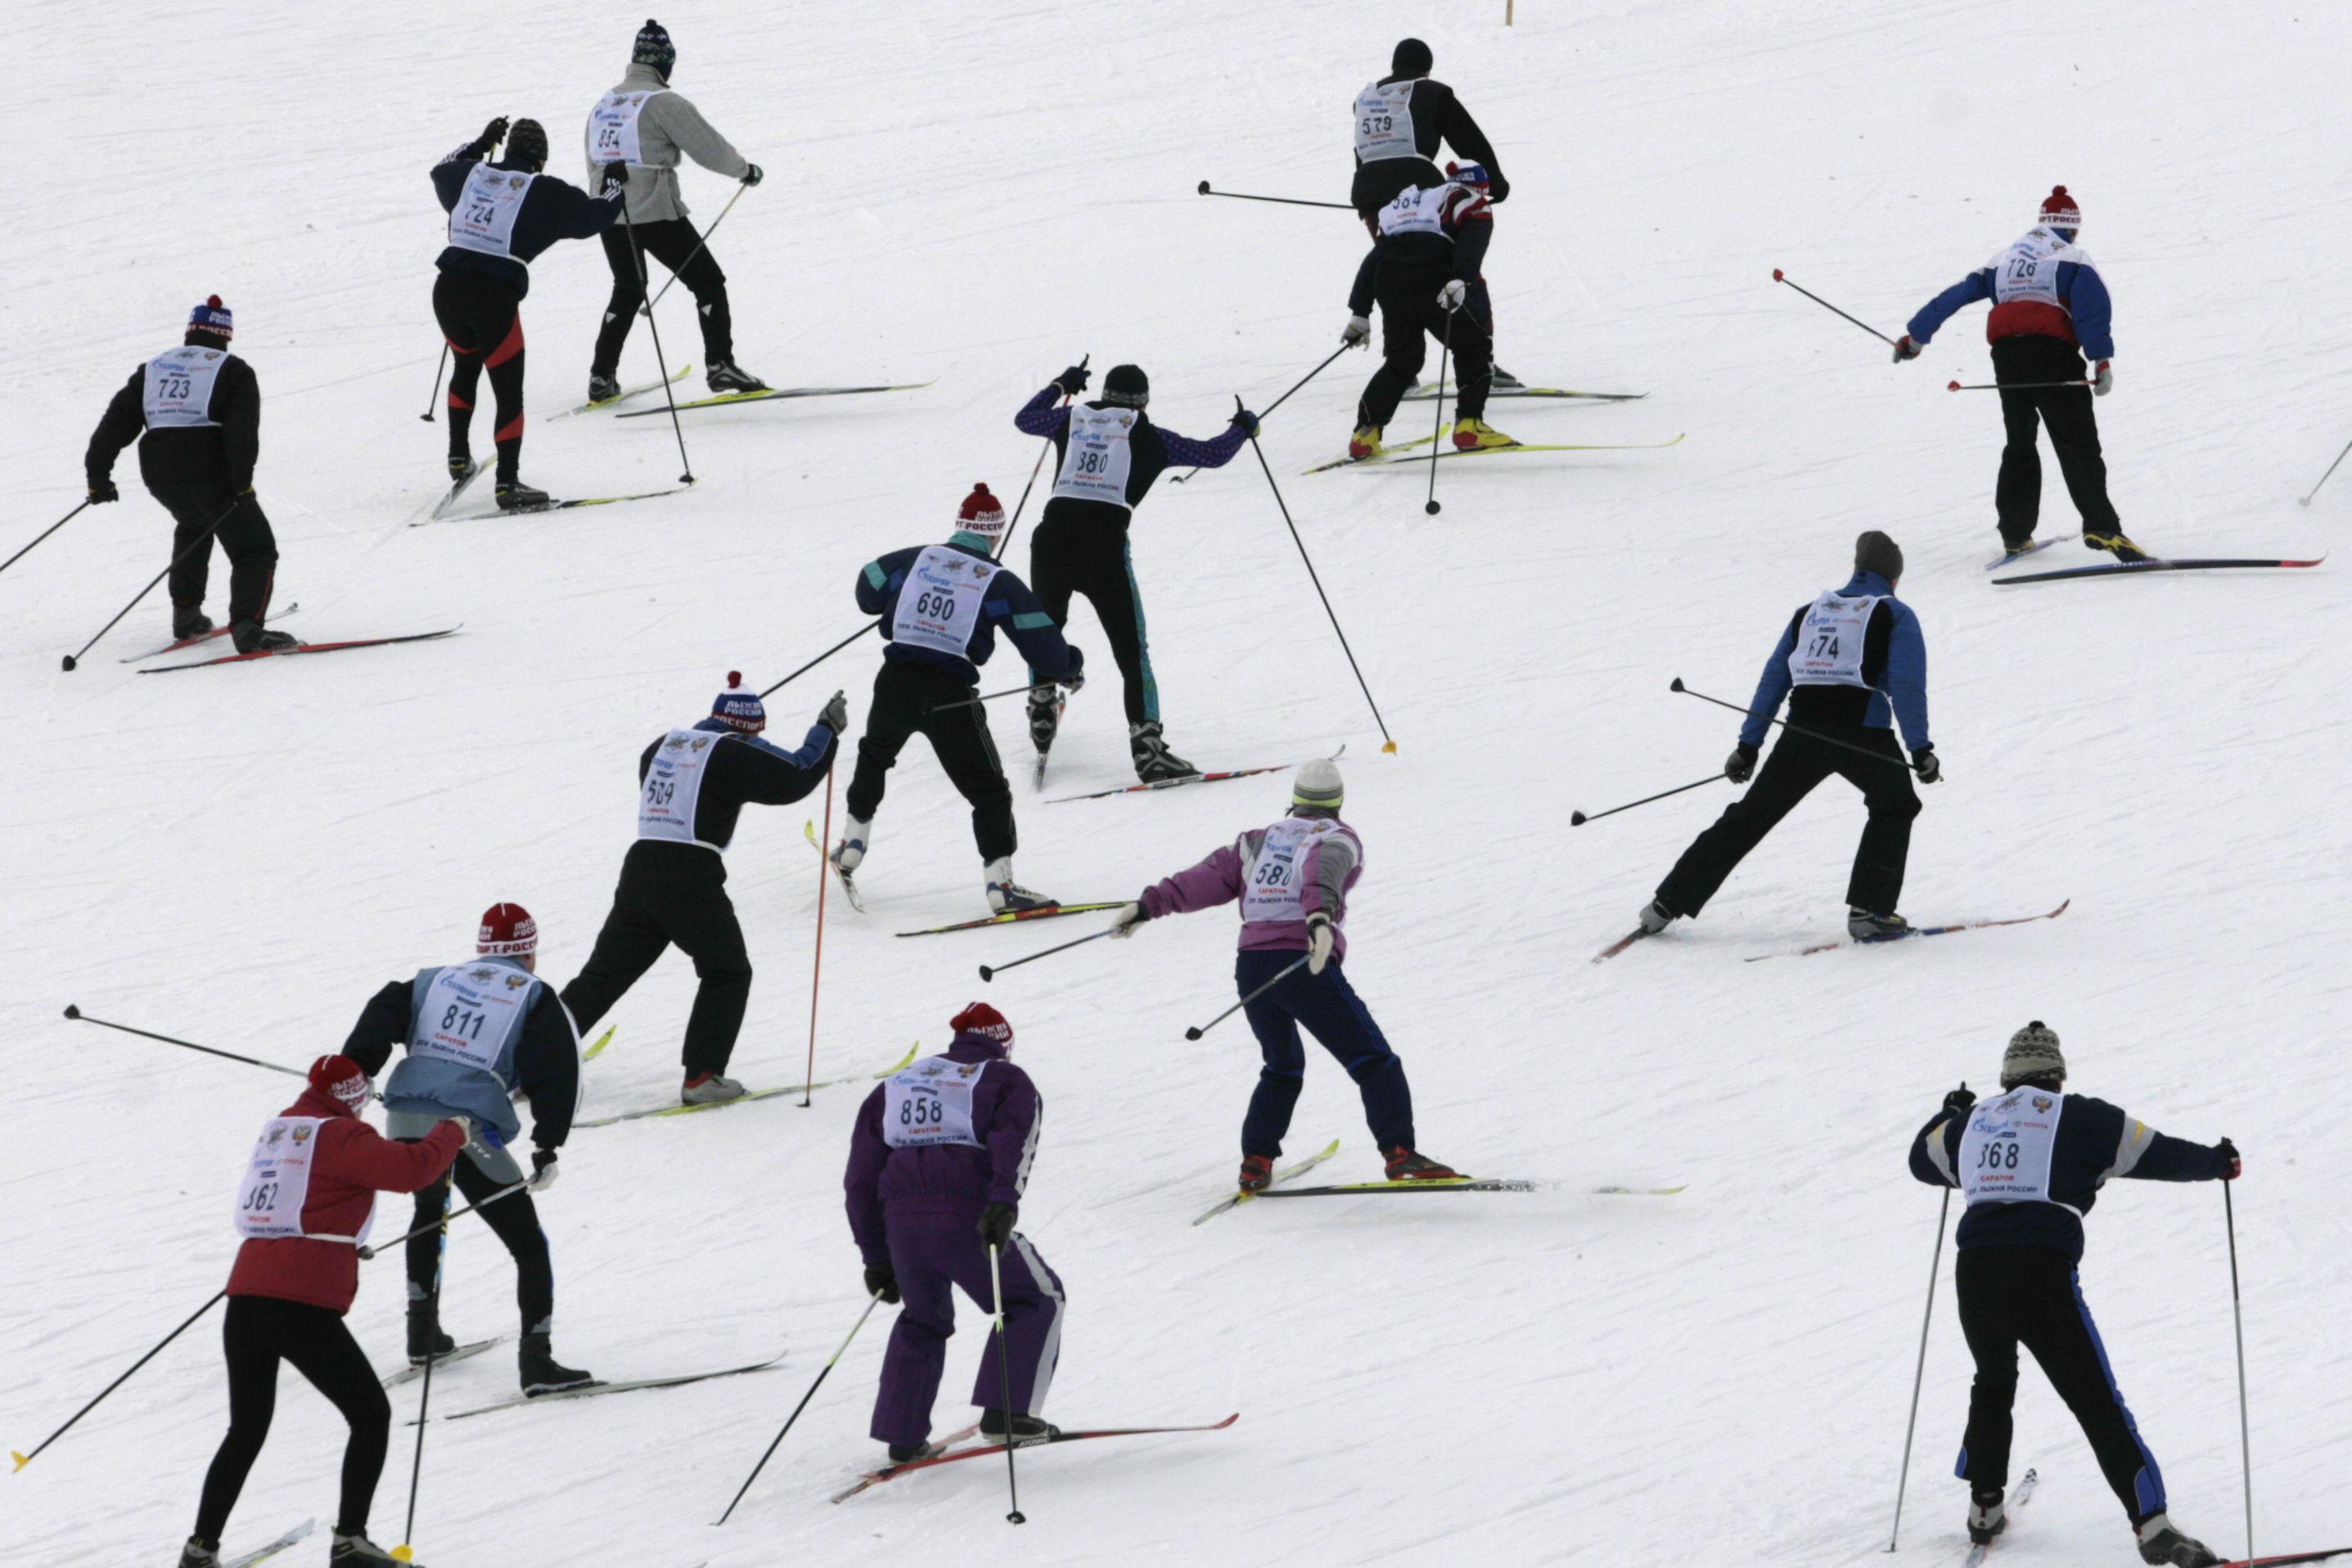 Чемпионат мира по лыжным видам спорта в Германии пройдёт без зрителей